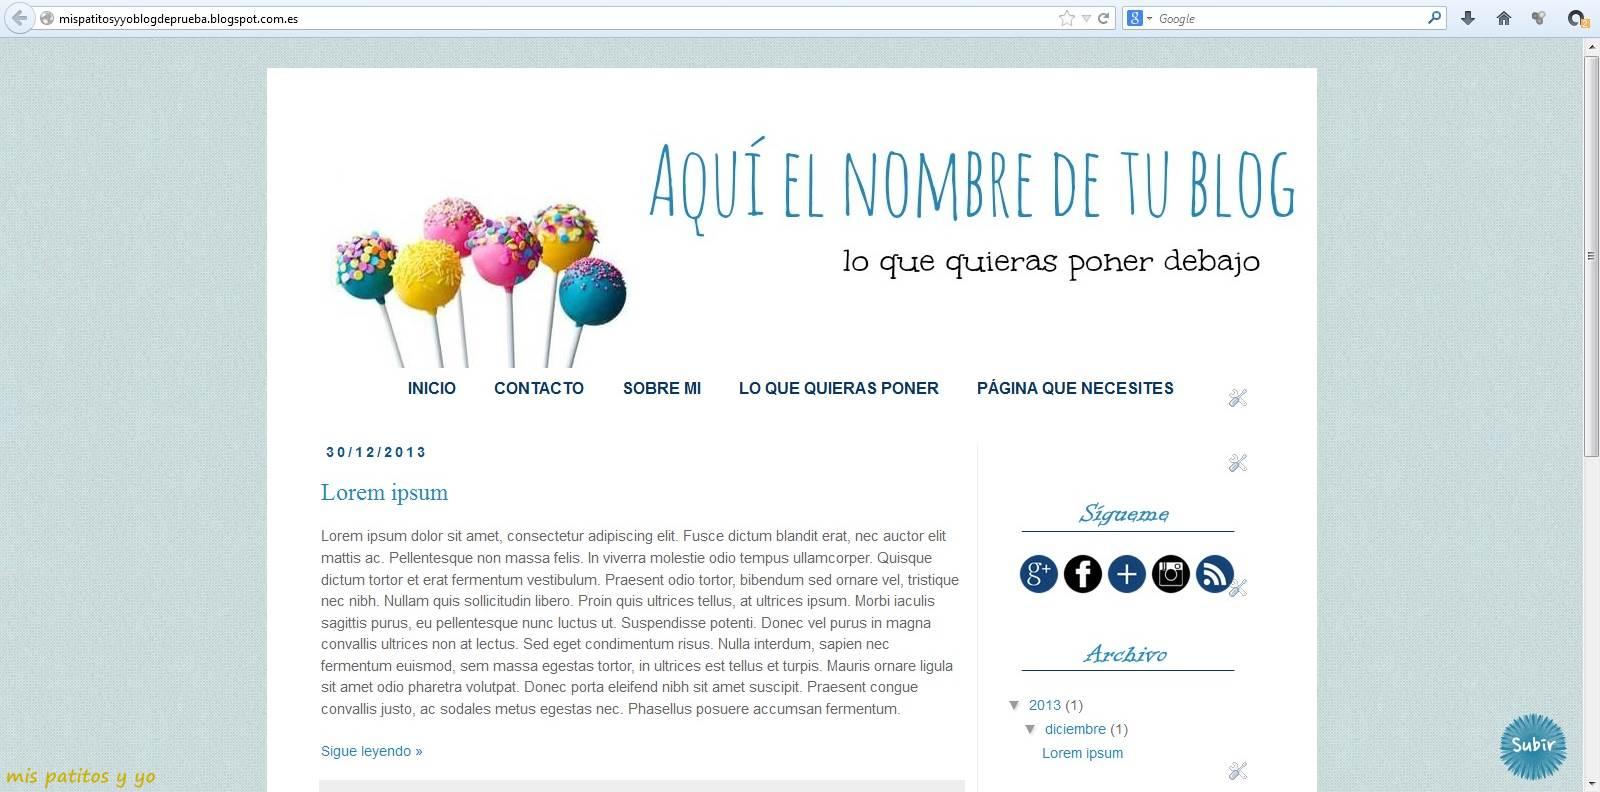 http://mispatitosyyoblogdeprueba.blogspot.com.es/